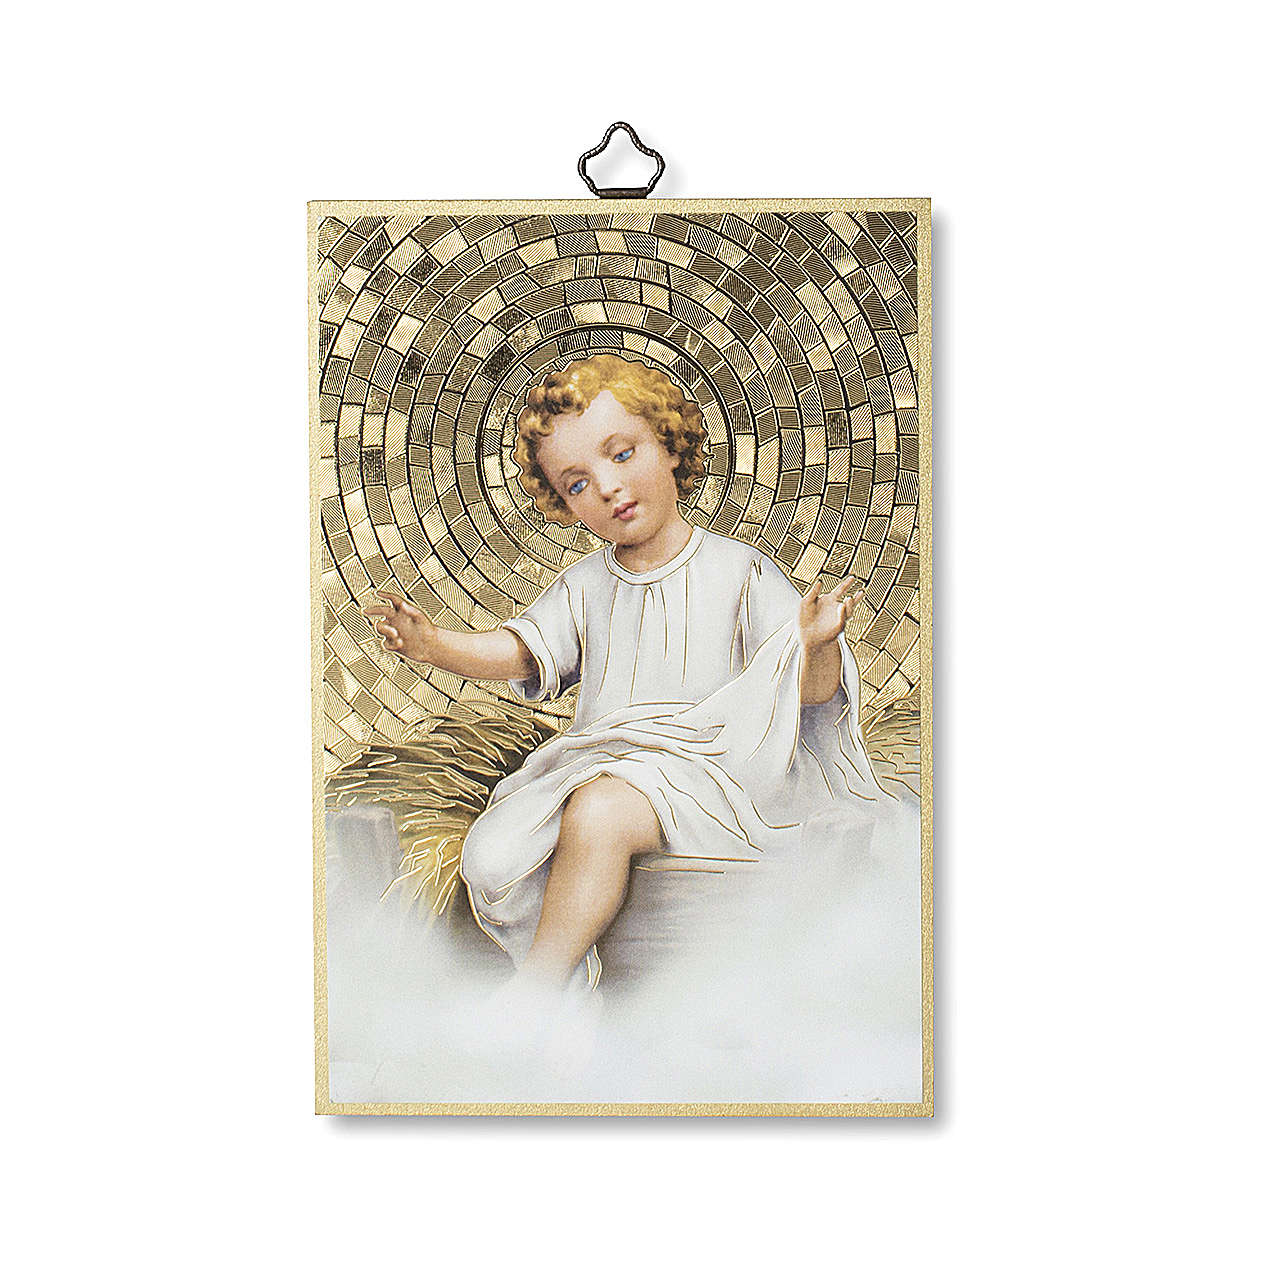 Stampa su legno Gesù Bambino nella Mangiatoia Tu Scendi dalle Stelle ITA 3